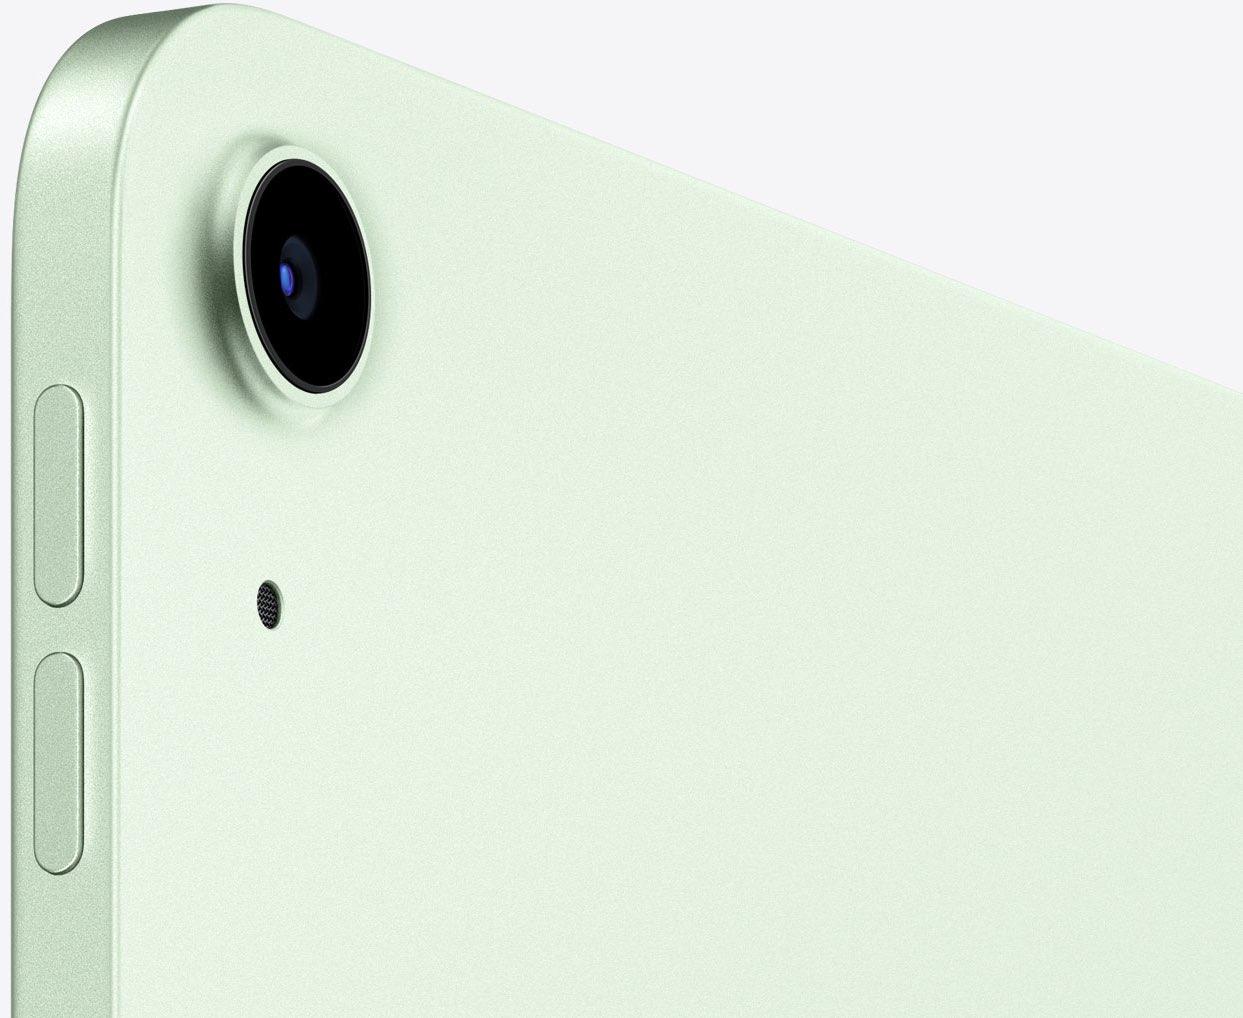 iPad video recording quality - hero image